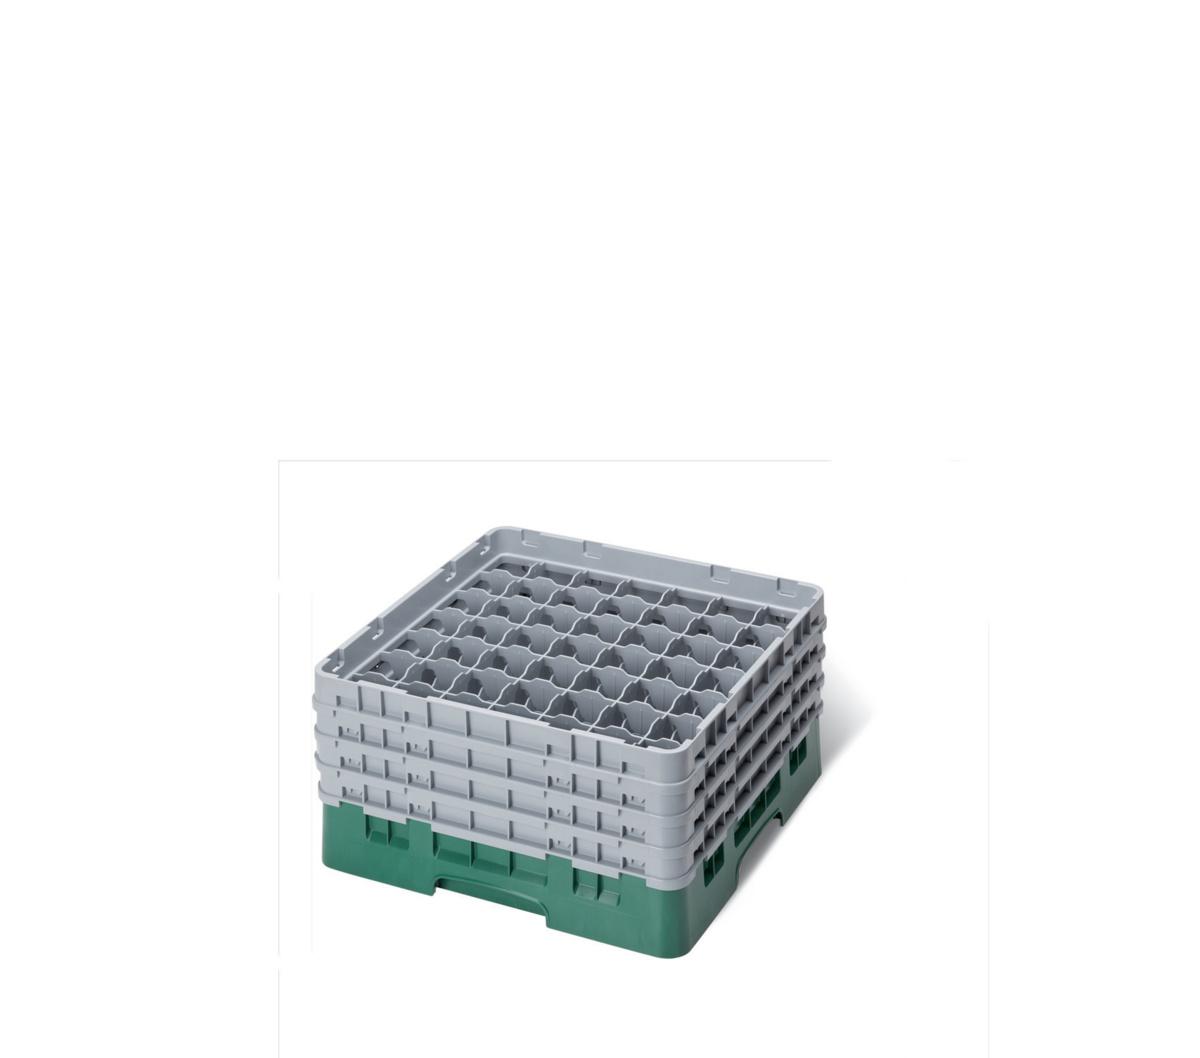 Casier de lavage carré vert 50x50 cm Camrack Cambro